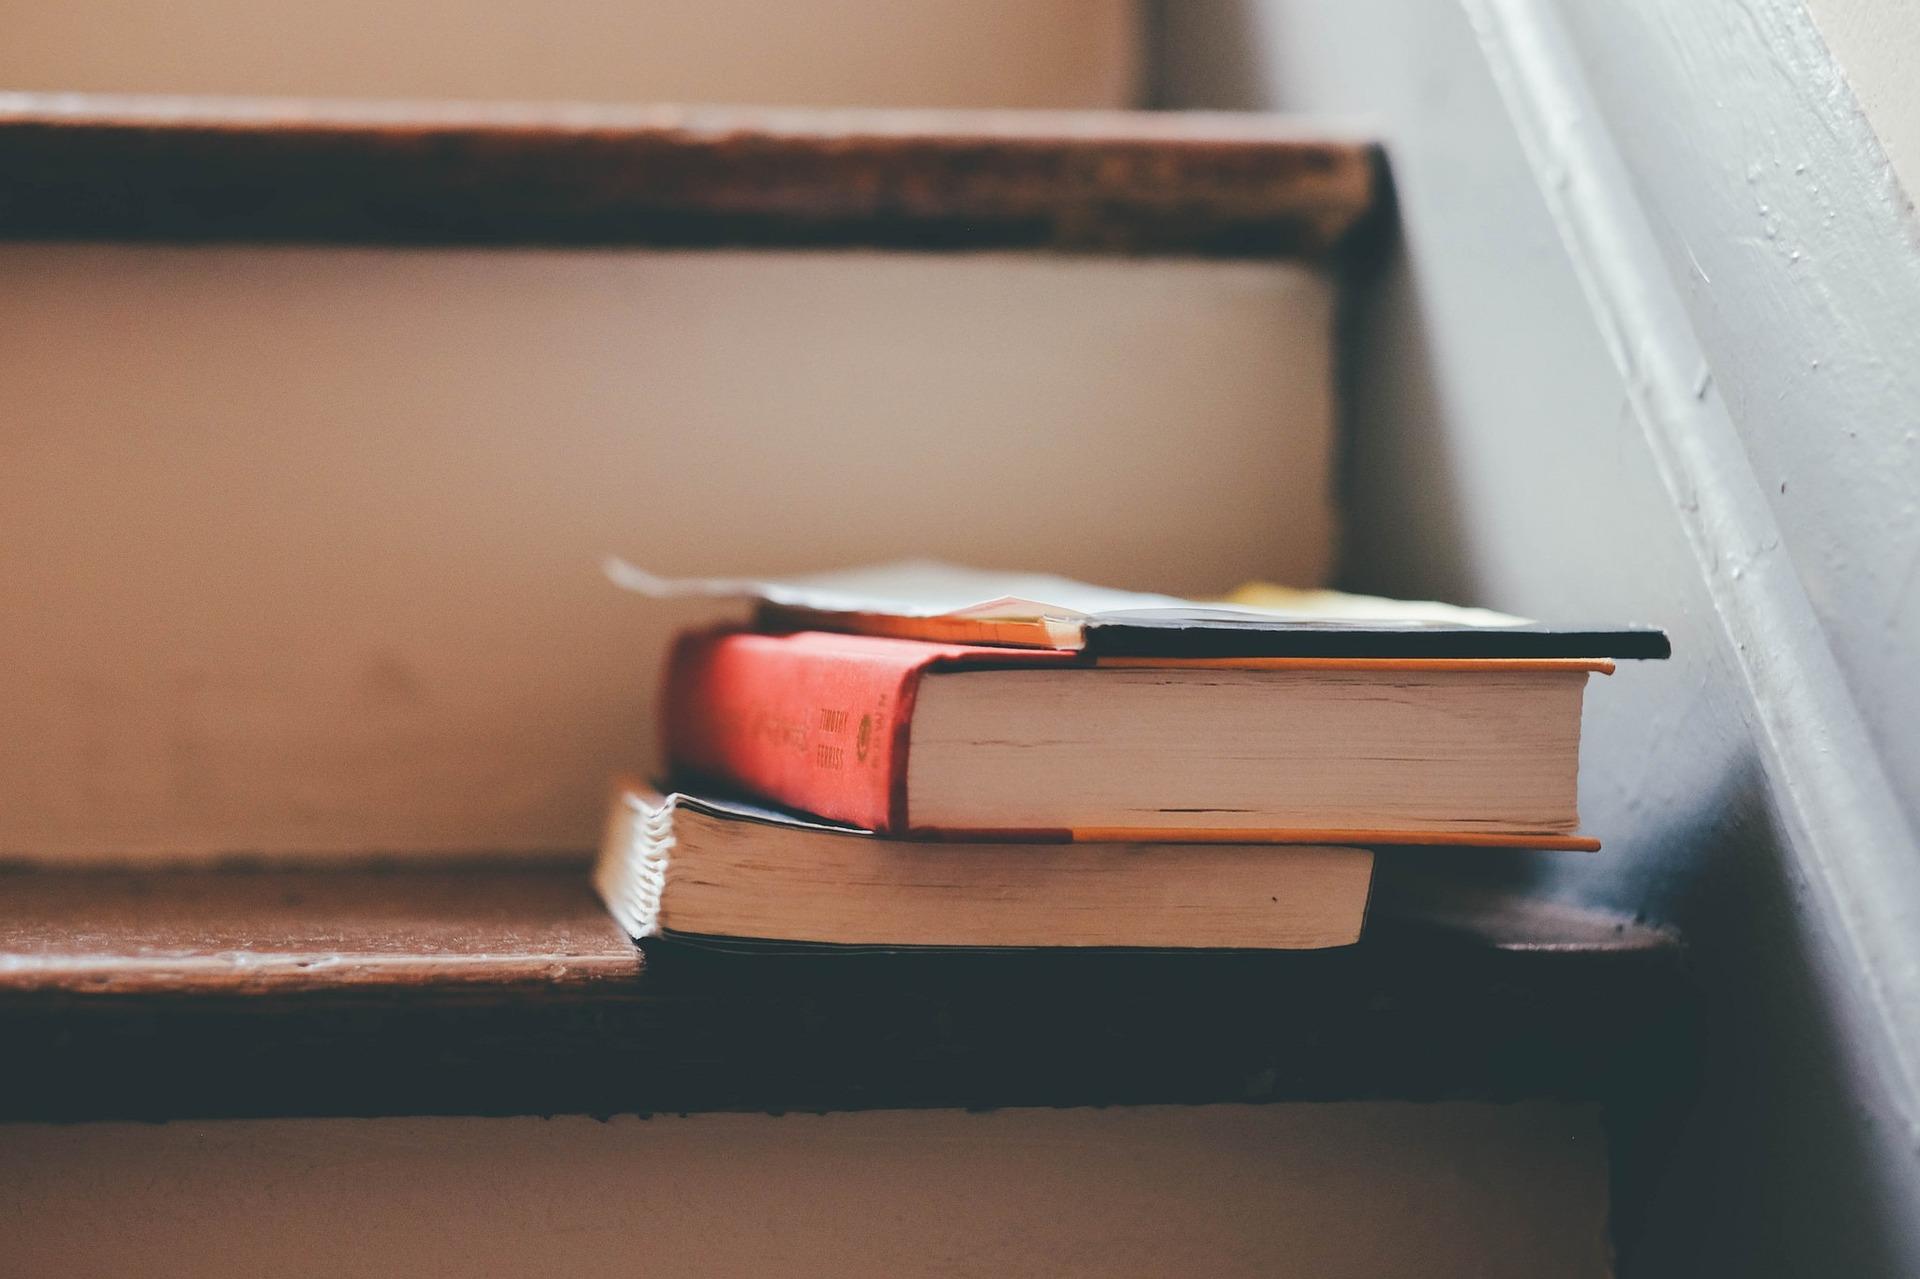 schody z mądrościami - ważne cytaty z książek